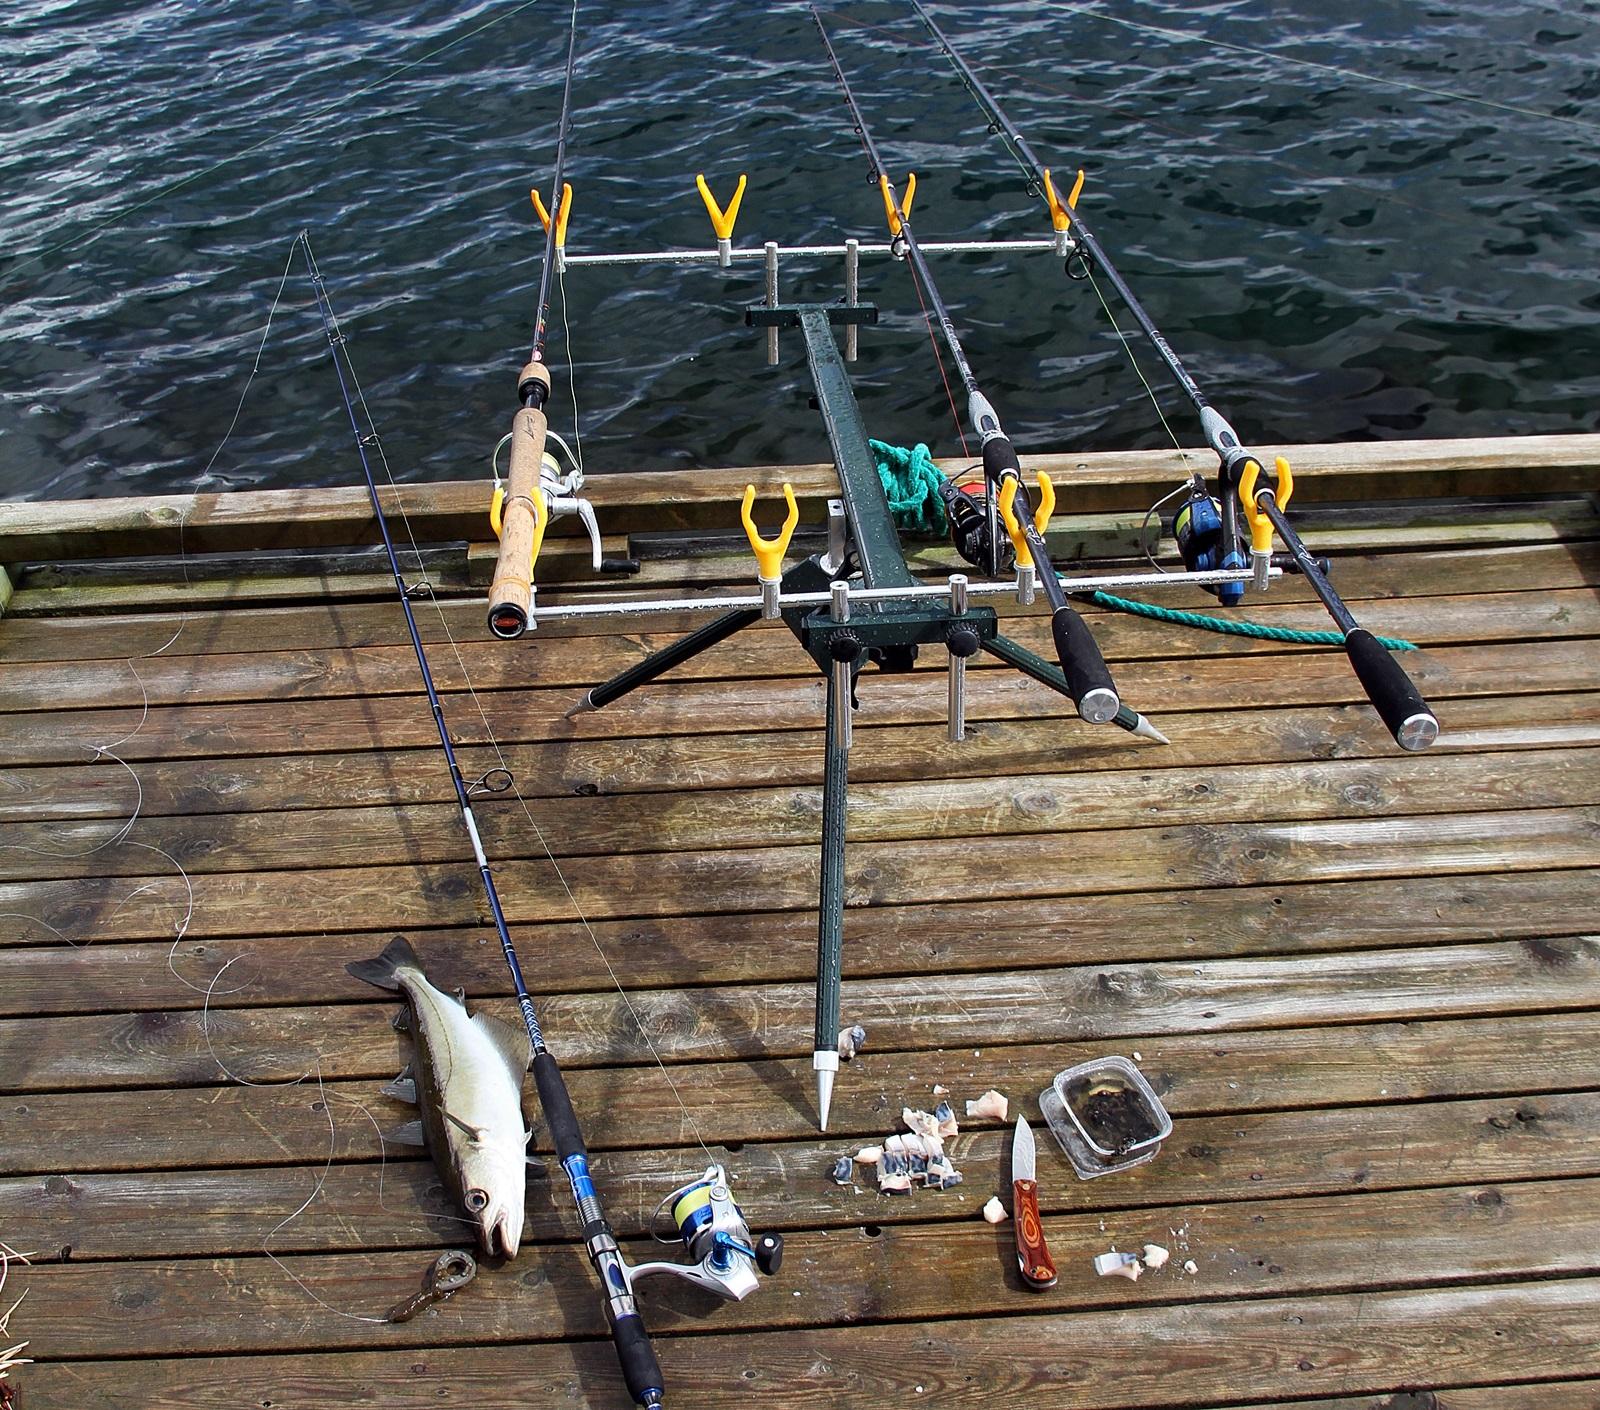 Du kan fiske enkelt med en stang, eller flere på stativ som her